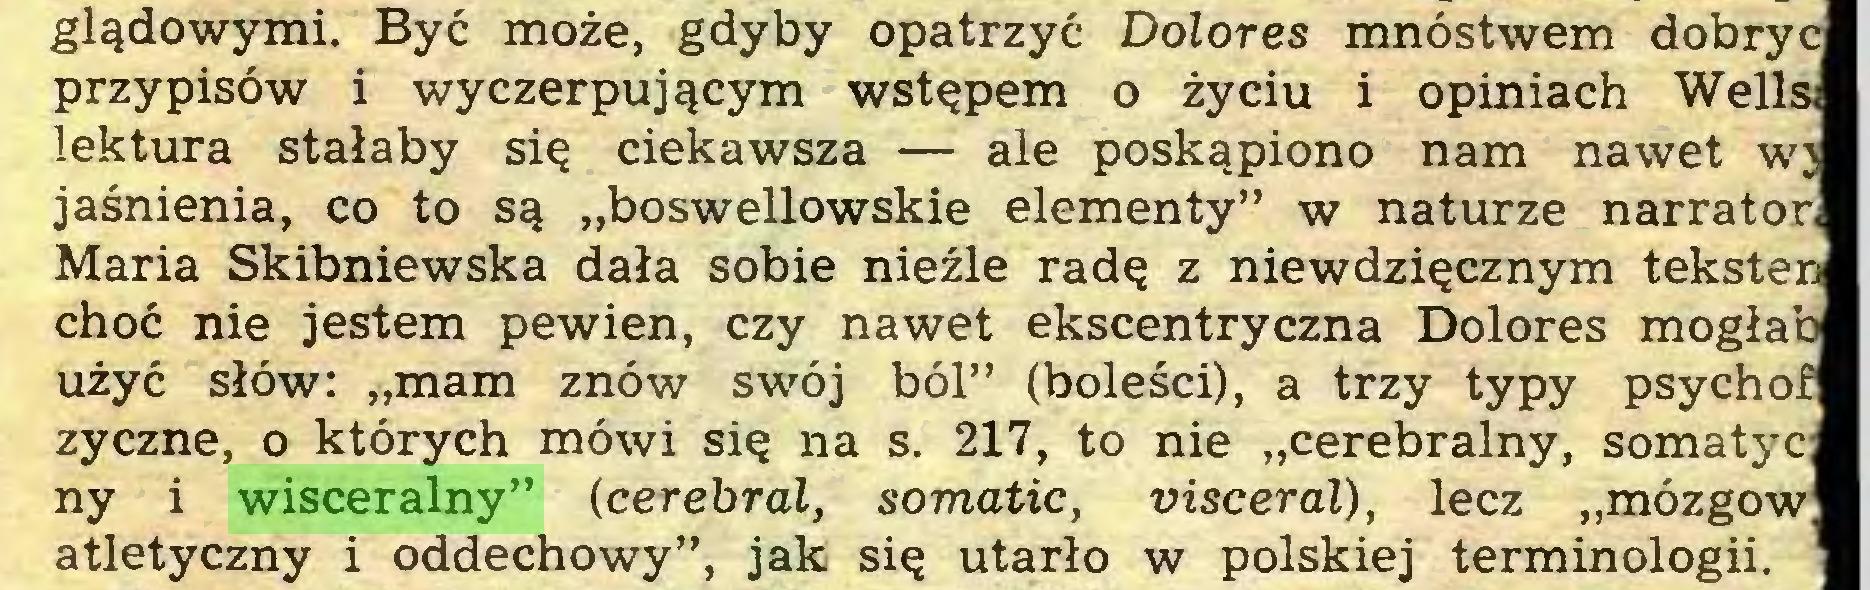 """(...) glądowymi. Być może, gdyby opatrzyć Dolores mnóstwem dobryc przypisów i wyczerpującym wstępem o życiu i opiniach Weila lektura stałaby się ciekawsza — ale poskąpiono nam nawet wj jaśnienia, co to są """"boswellowskie elementy"""" w naturze narrator Maria Skibniewska dała sobie nieźle radę z niewdzięcznym teksten choć nie jestem pewien, czy nawet ekscentryczna Dolores mogłab użyć słów: """"mam znów swój ból"""" (boleści), a trzy typy psychof zyczne, o których mówi się na s. 217, to nie """"cerebralny, somatyc ny i wisceralny"""" (cerebral, somatic, visceral), lecz """"mózgów atletyczny i oddechowy"""", jak się utarło w polskiej terminologii..."""